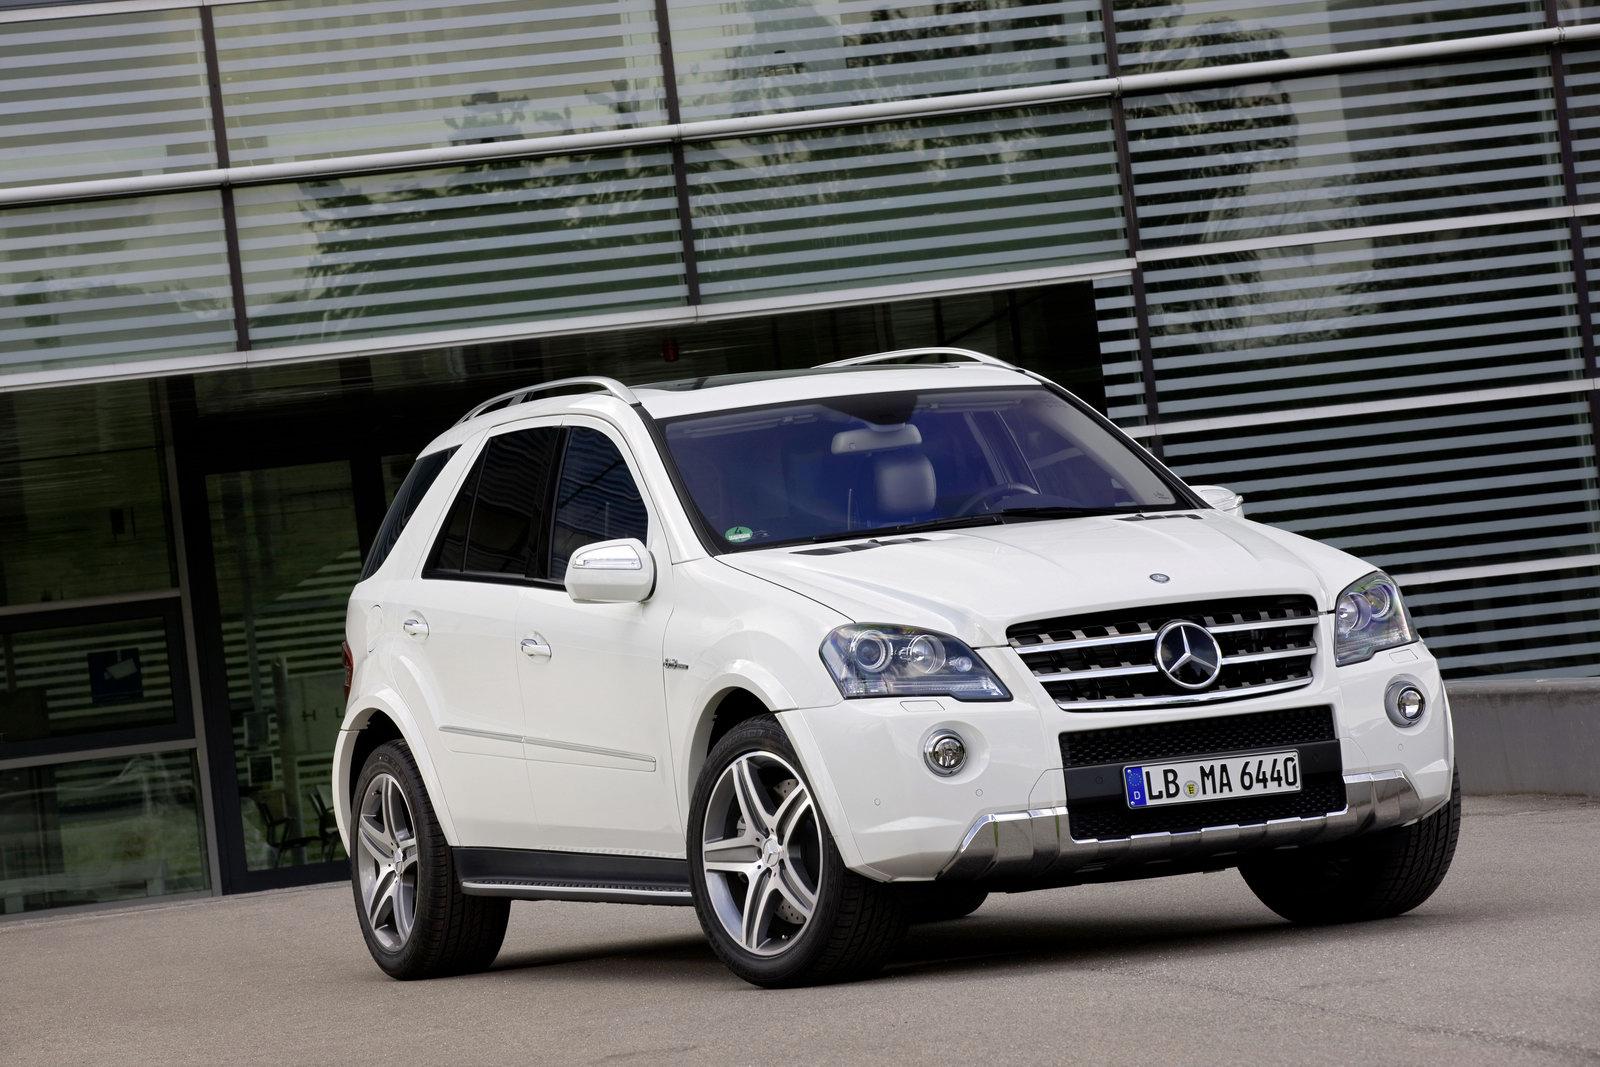 http://3.bp.blogspot.com/_FoXyvaPSnVk/TA-r1rGnJjI/AAAAAAAC7_0/3NE8JGxKFIY/s1600/2011-Mercedes-ML63-AMG-6.jpg